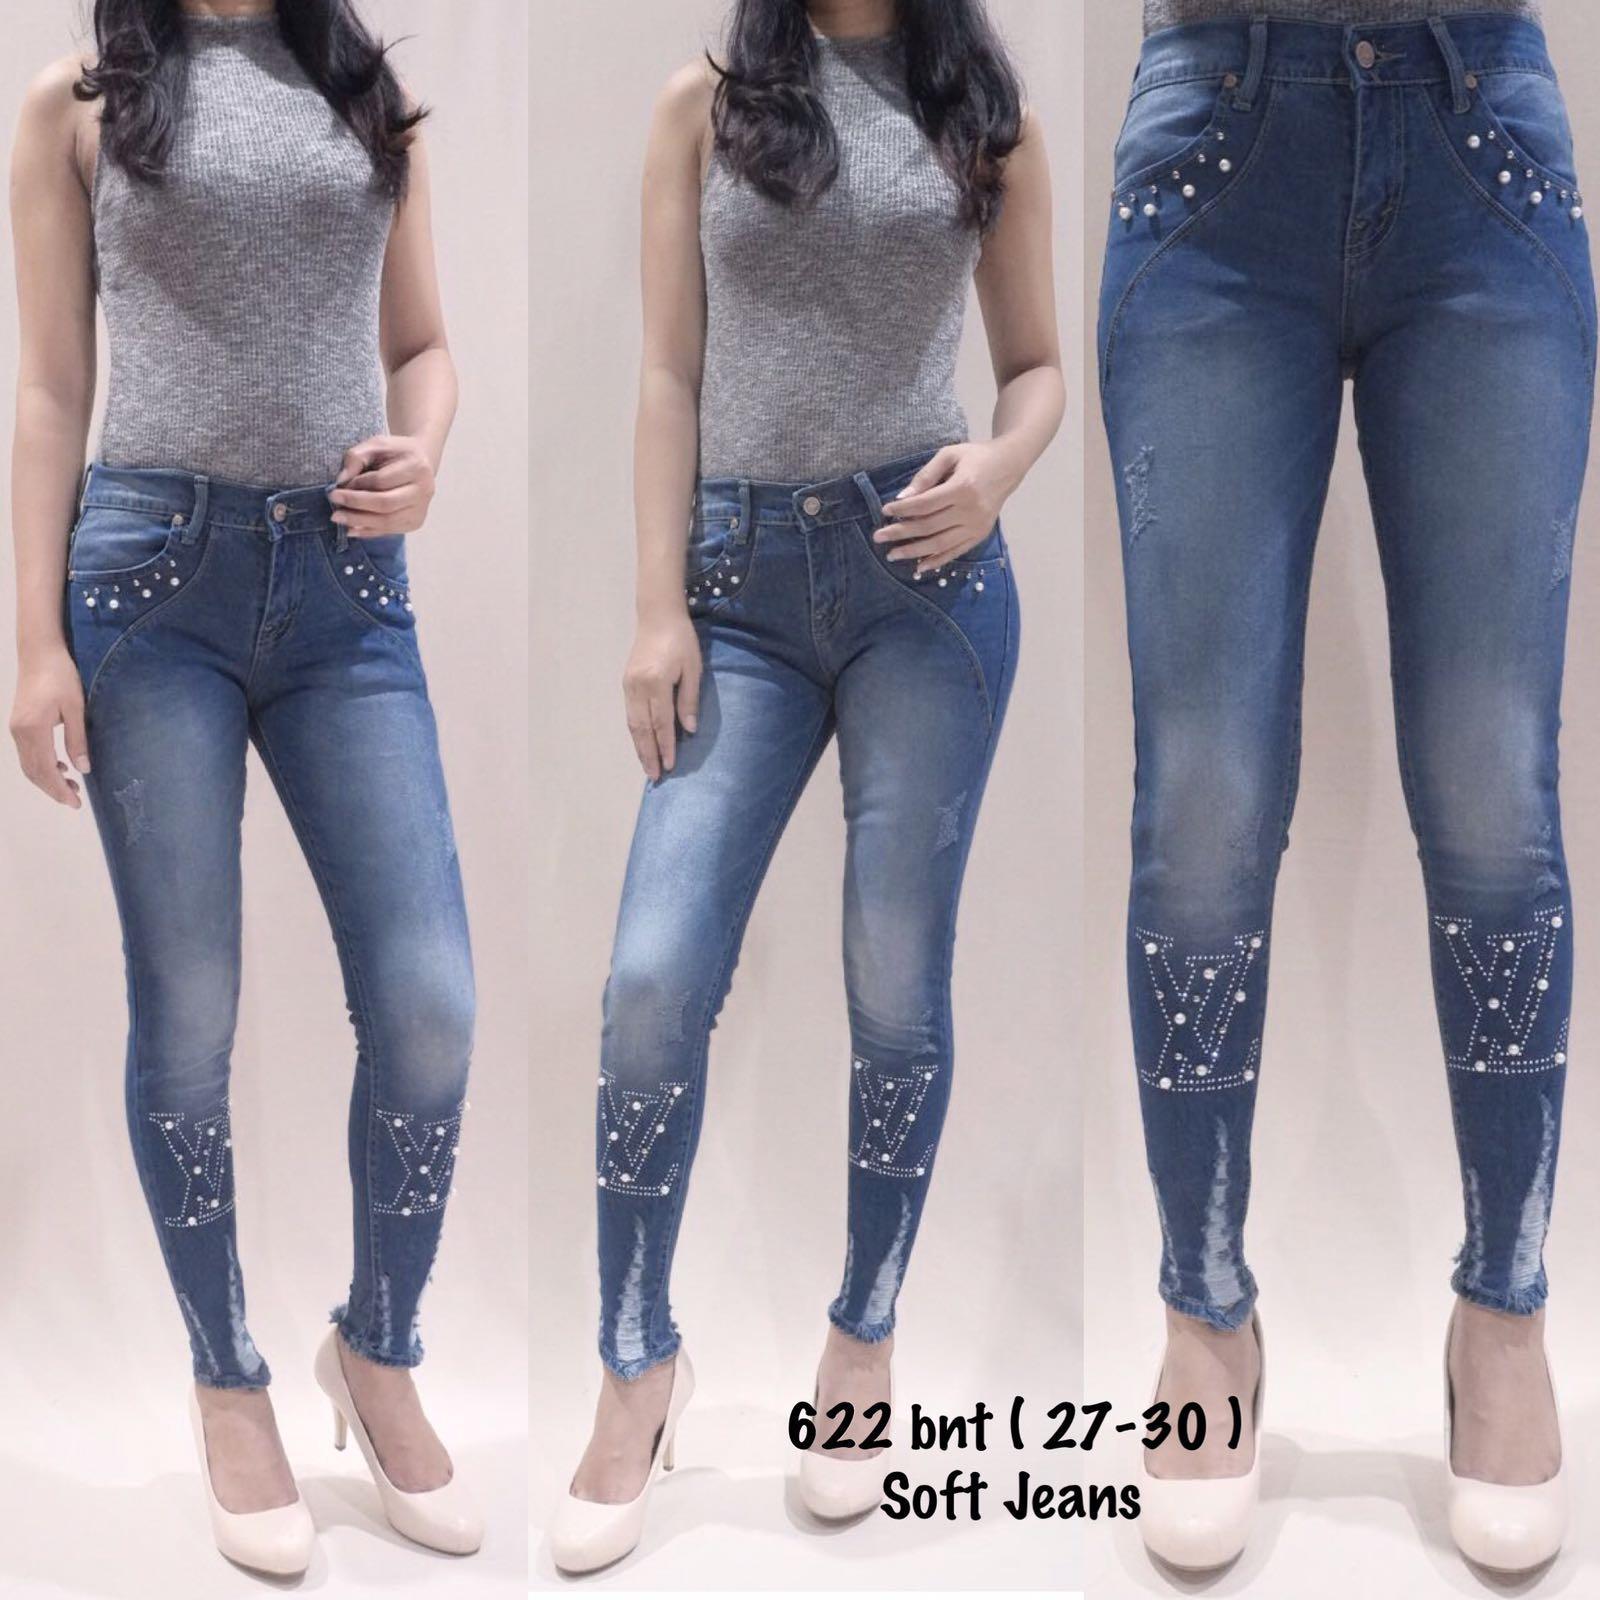 Jeasn Wanita Sobek Silet Hw Hitam Daftar Harga Terlengkap Indonesia Lois Jeans Original Celana Panjang Pria Skinny Sskt081 Navy 33 Bntg Pajang Ripped Motif Mutiara